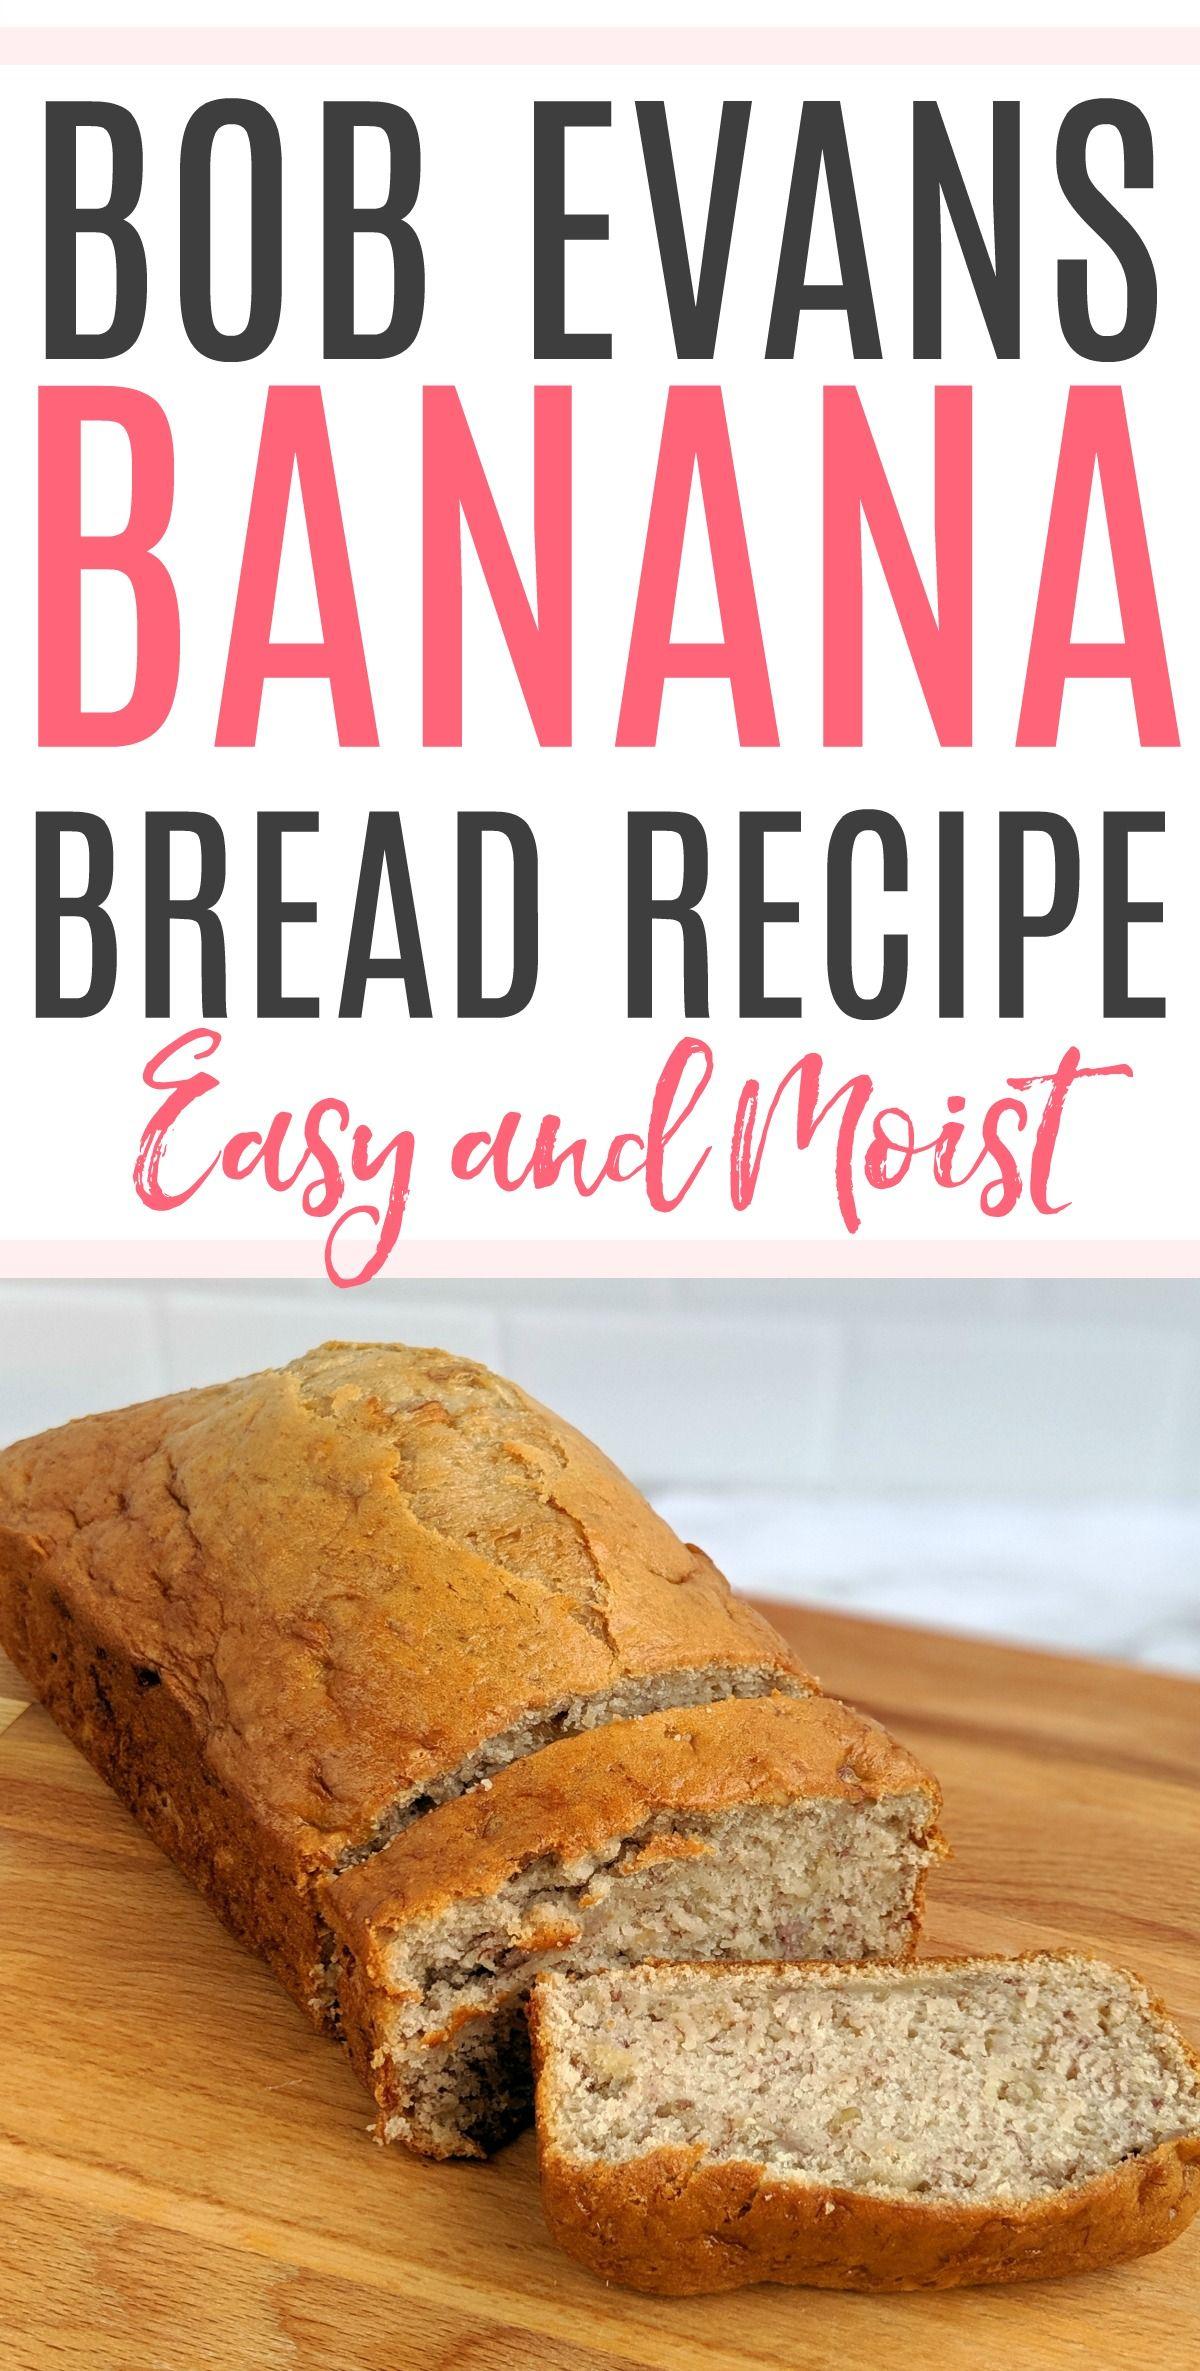 Bob Evans Banana Bread Recipe Banana Bread Recipe Easy Moist Easy Banana Bread Recipe Bob Evans Banana Bread Recipe